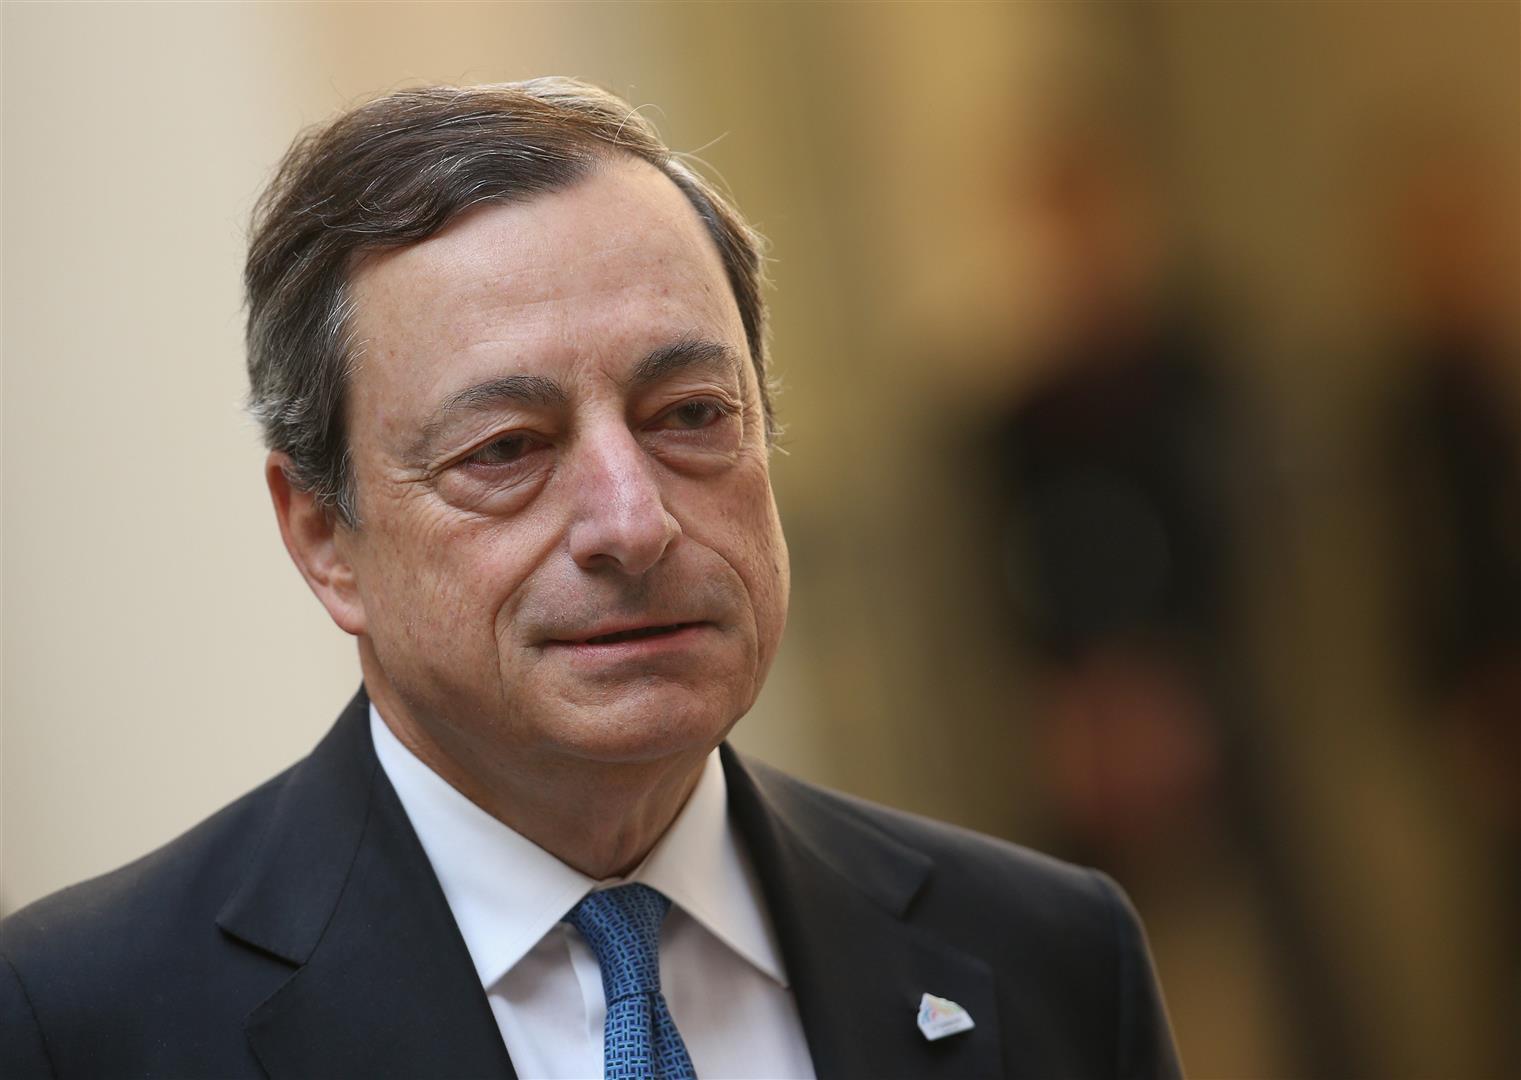 1947 Jesuit Mario Draghi. EZB-Präsident. Er besuchte das von Jesuiten geführte Istituto Massimo, eine katholische Privatschule in Rom. Goldman Sachs Vizepräsident. Vorstand bei der Bank für internationalen Zahlungsausgleich (BIZ).